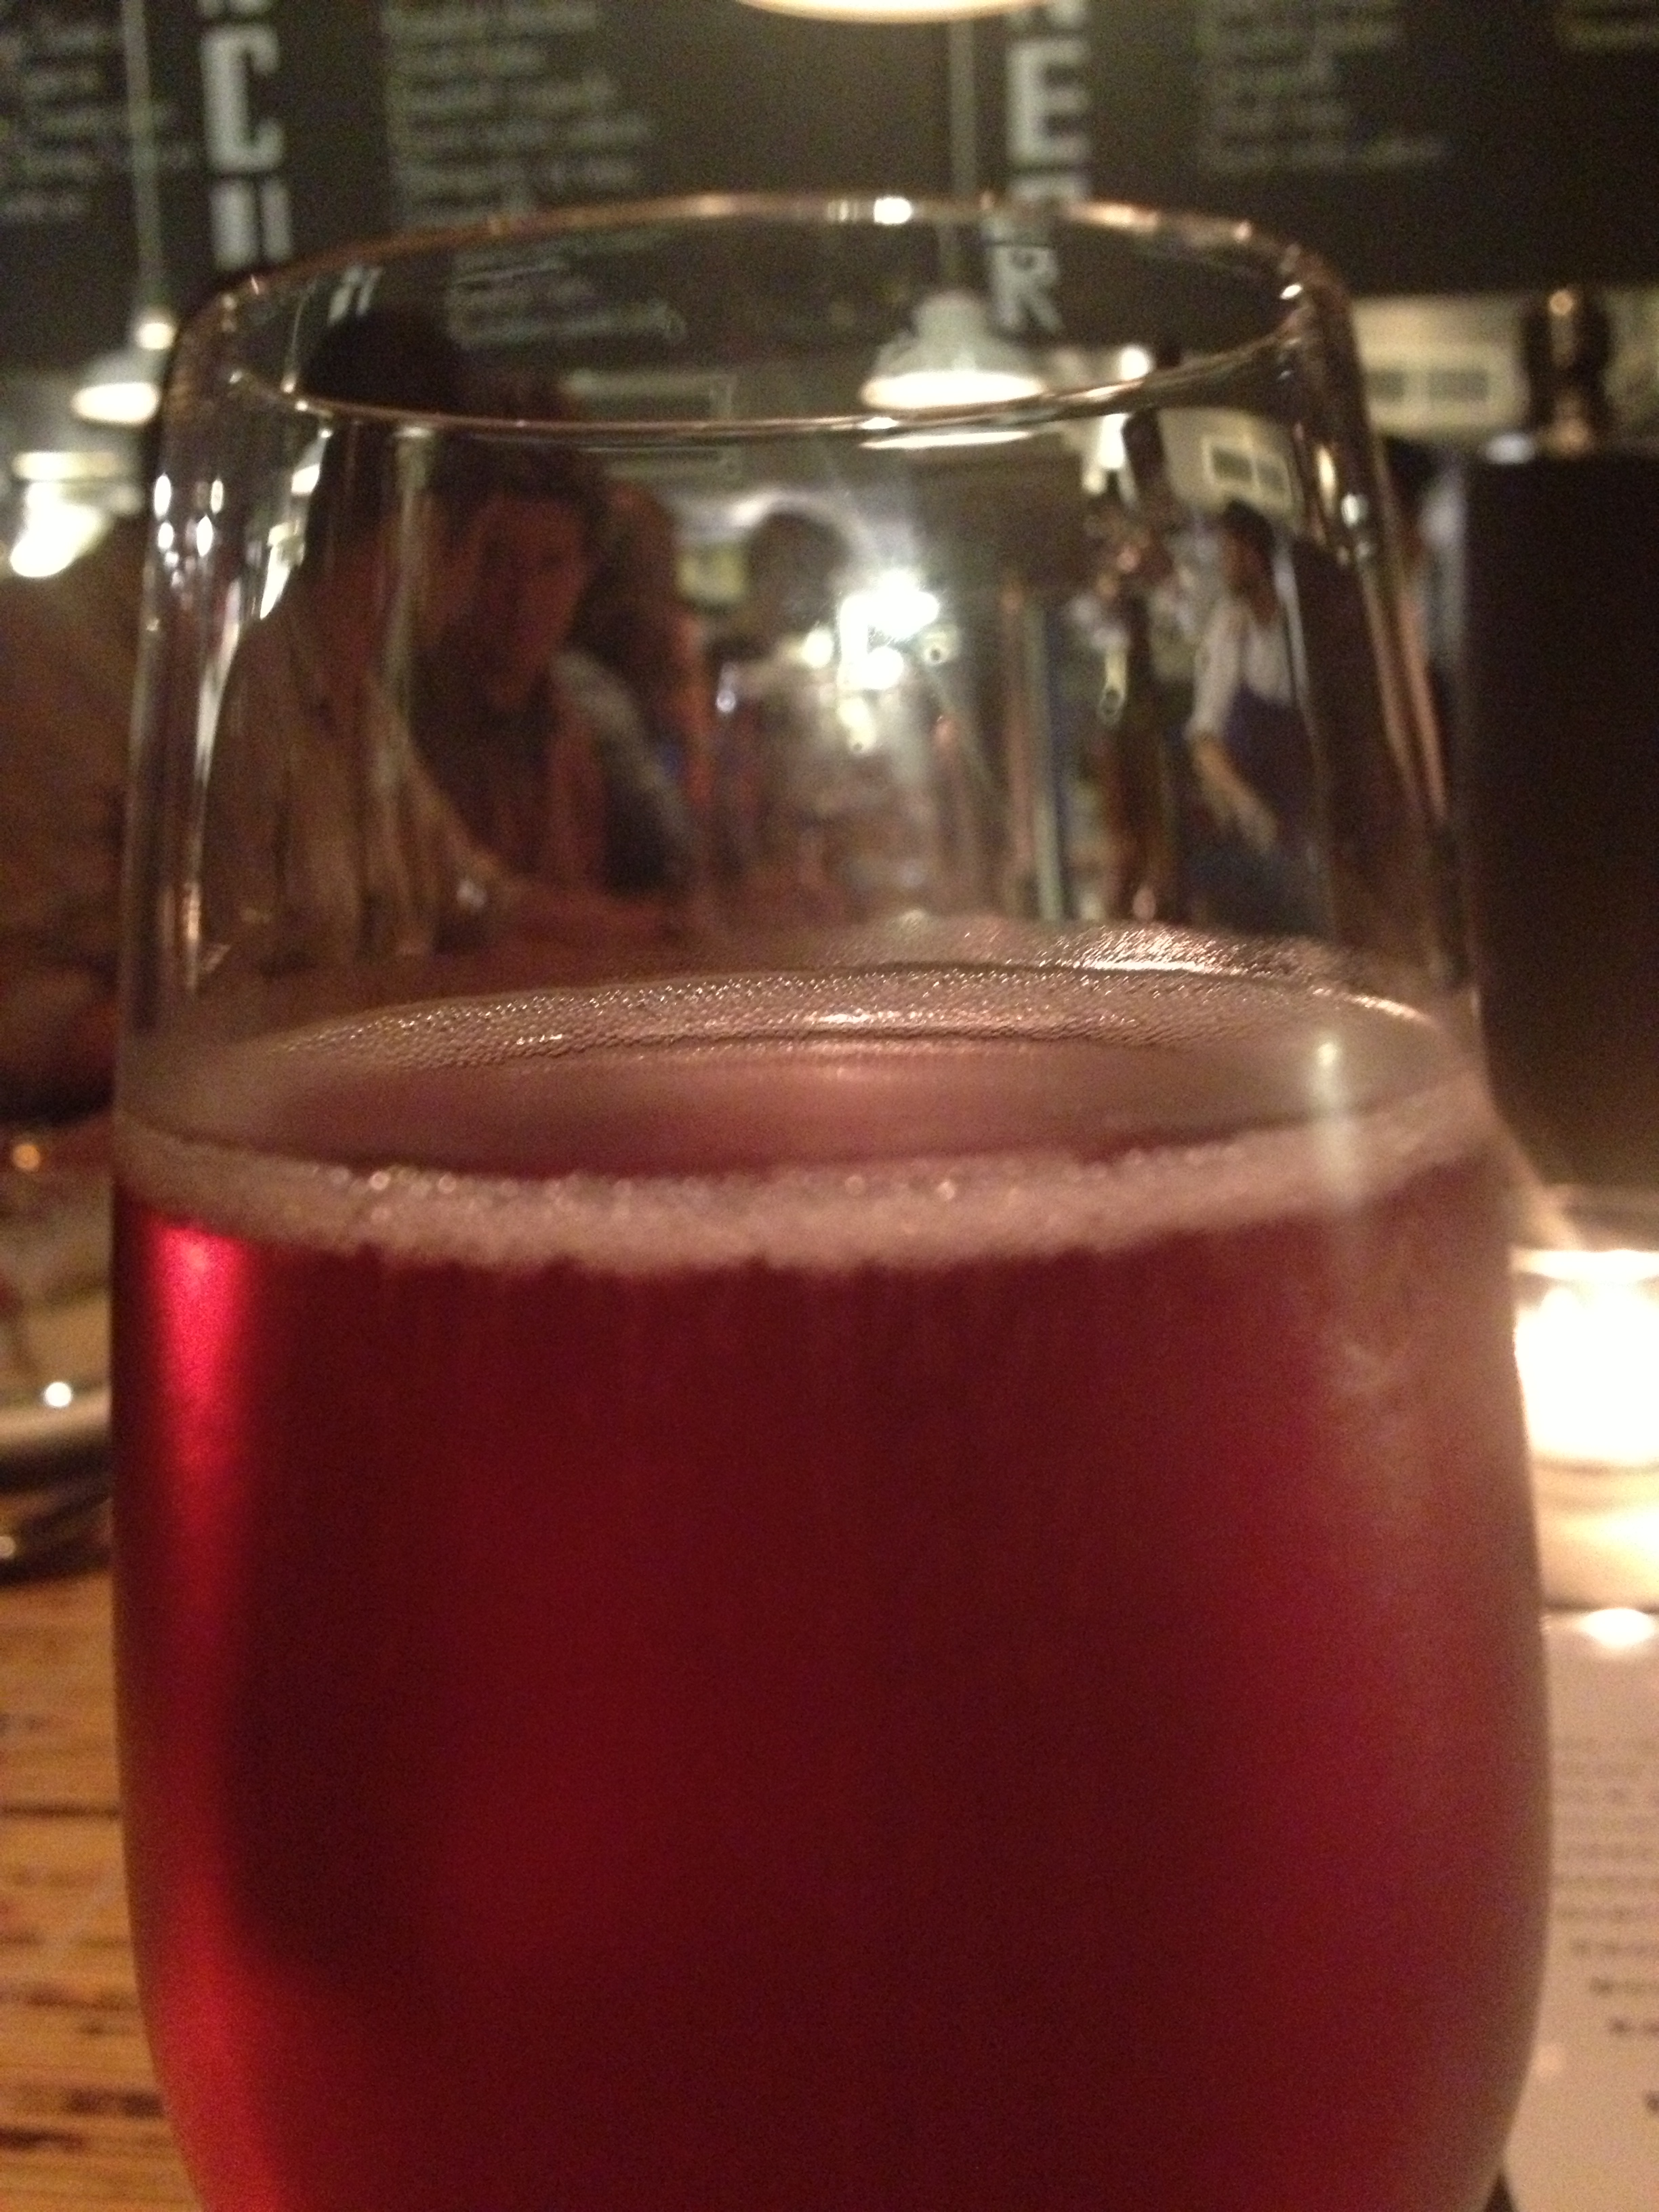 כוס היין המוזכרת לעיל